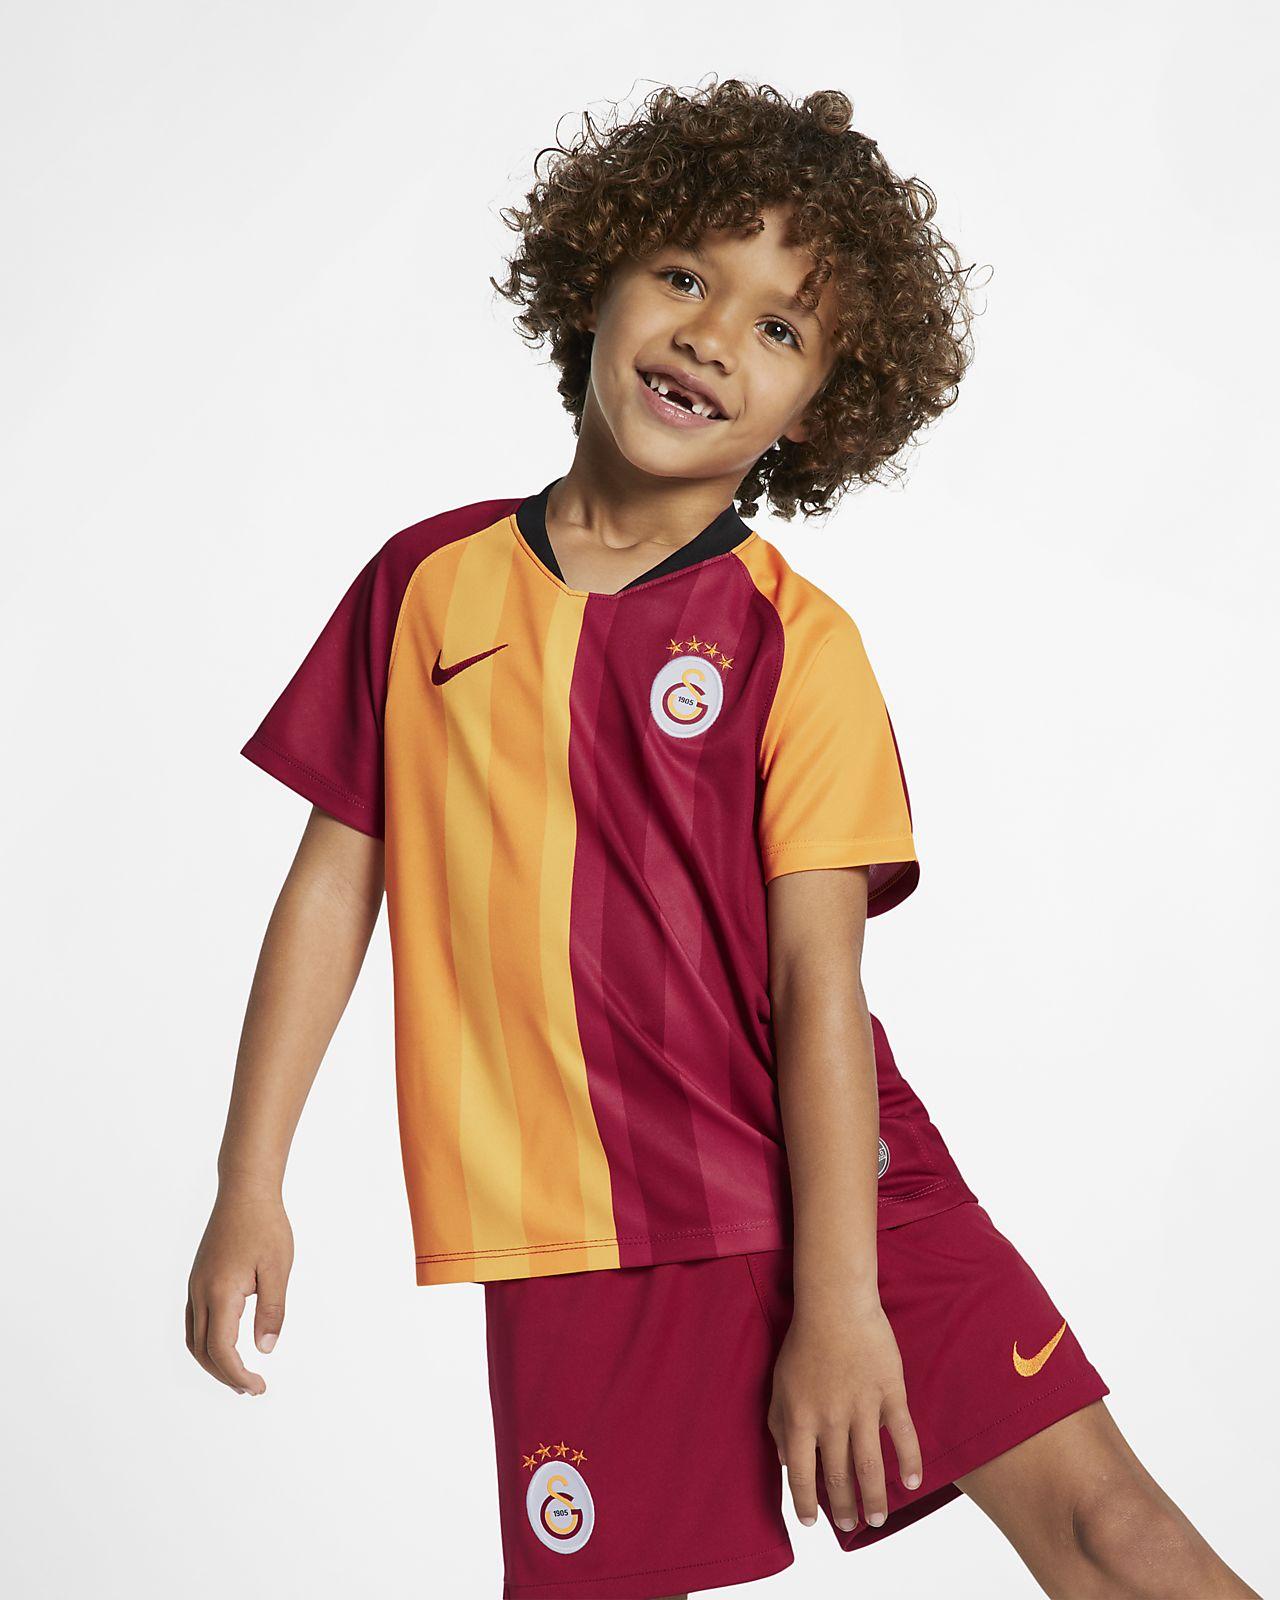 Domácí fotbalová souprava Galatasaray 2019/20 pro malé děti